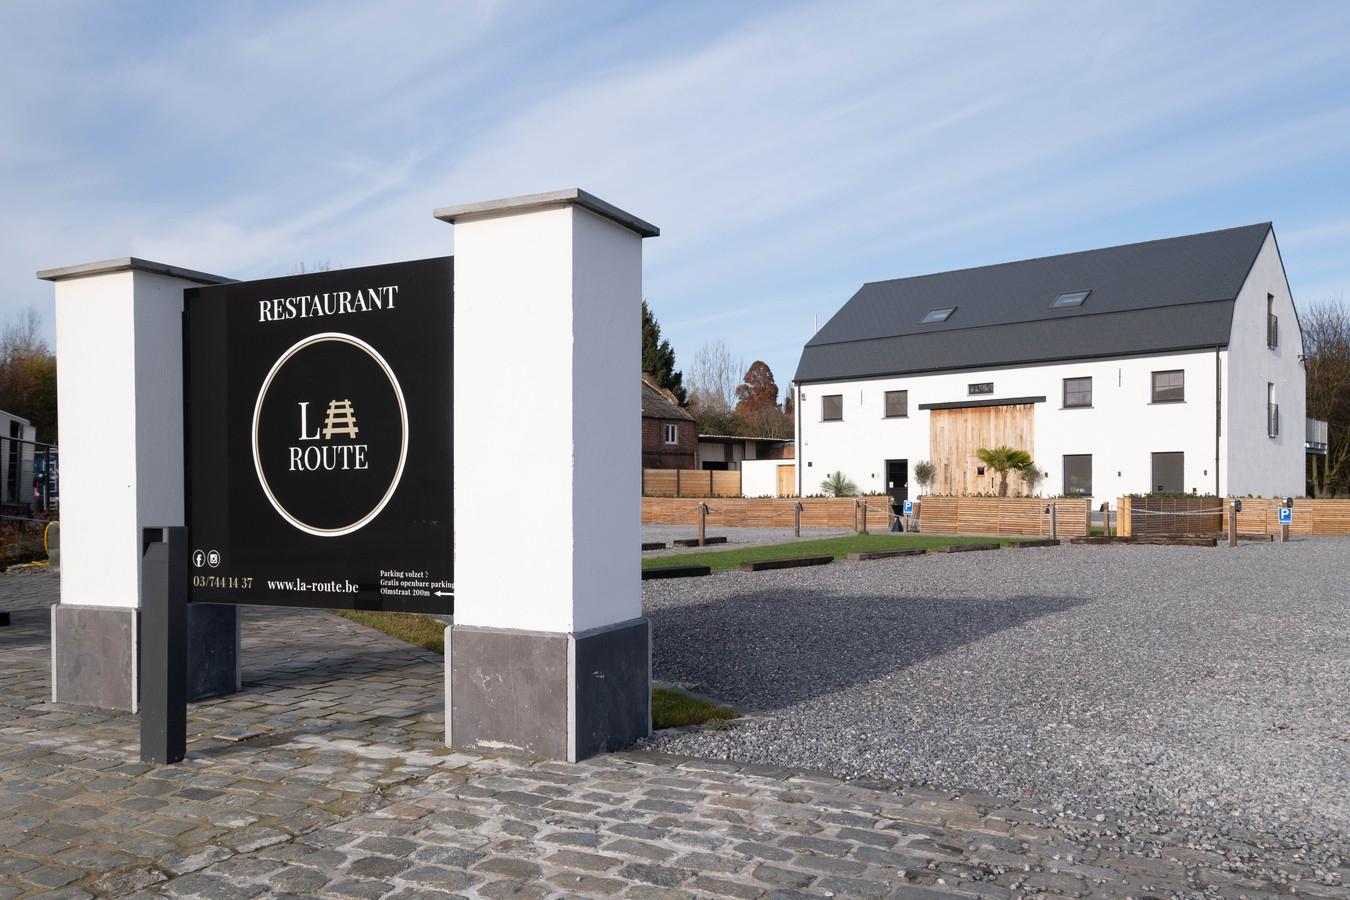 RUISBROEK Restaurant La Route in Ruisbroek (Puurs-Sint-Amands)